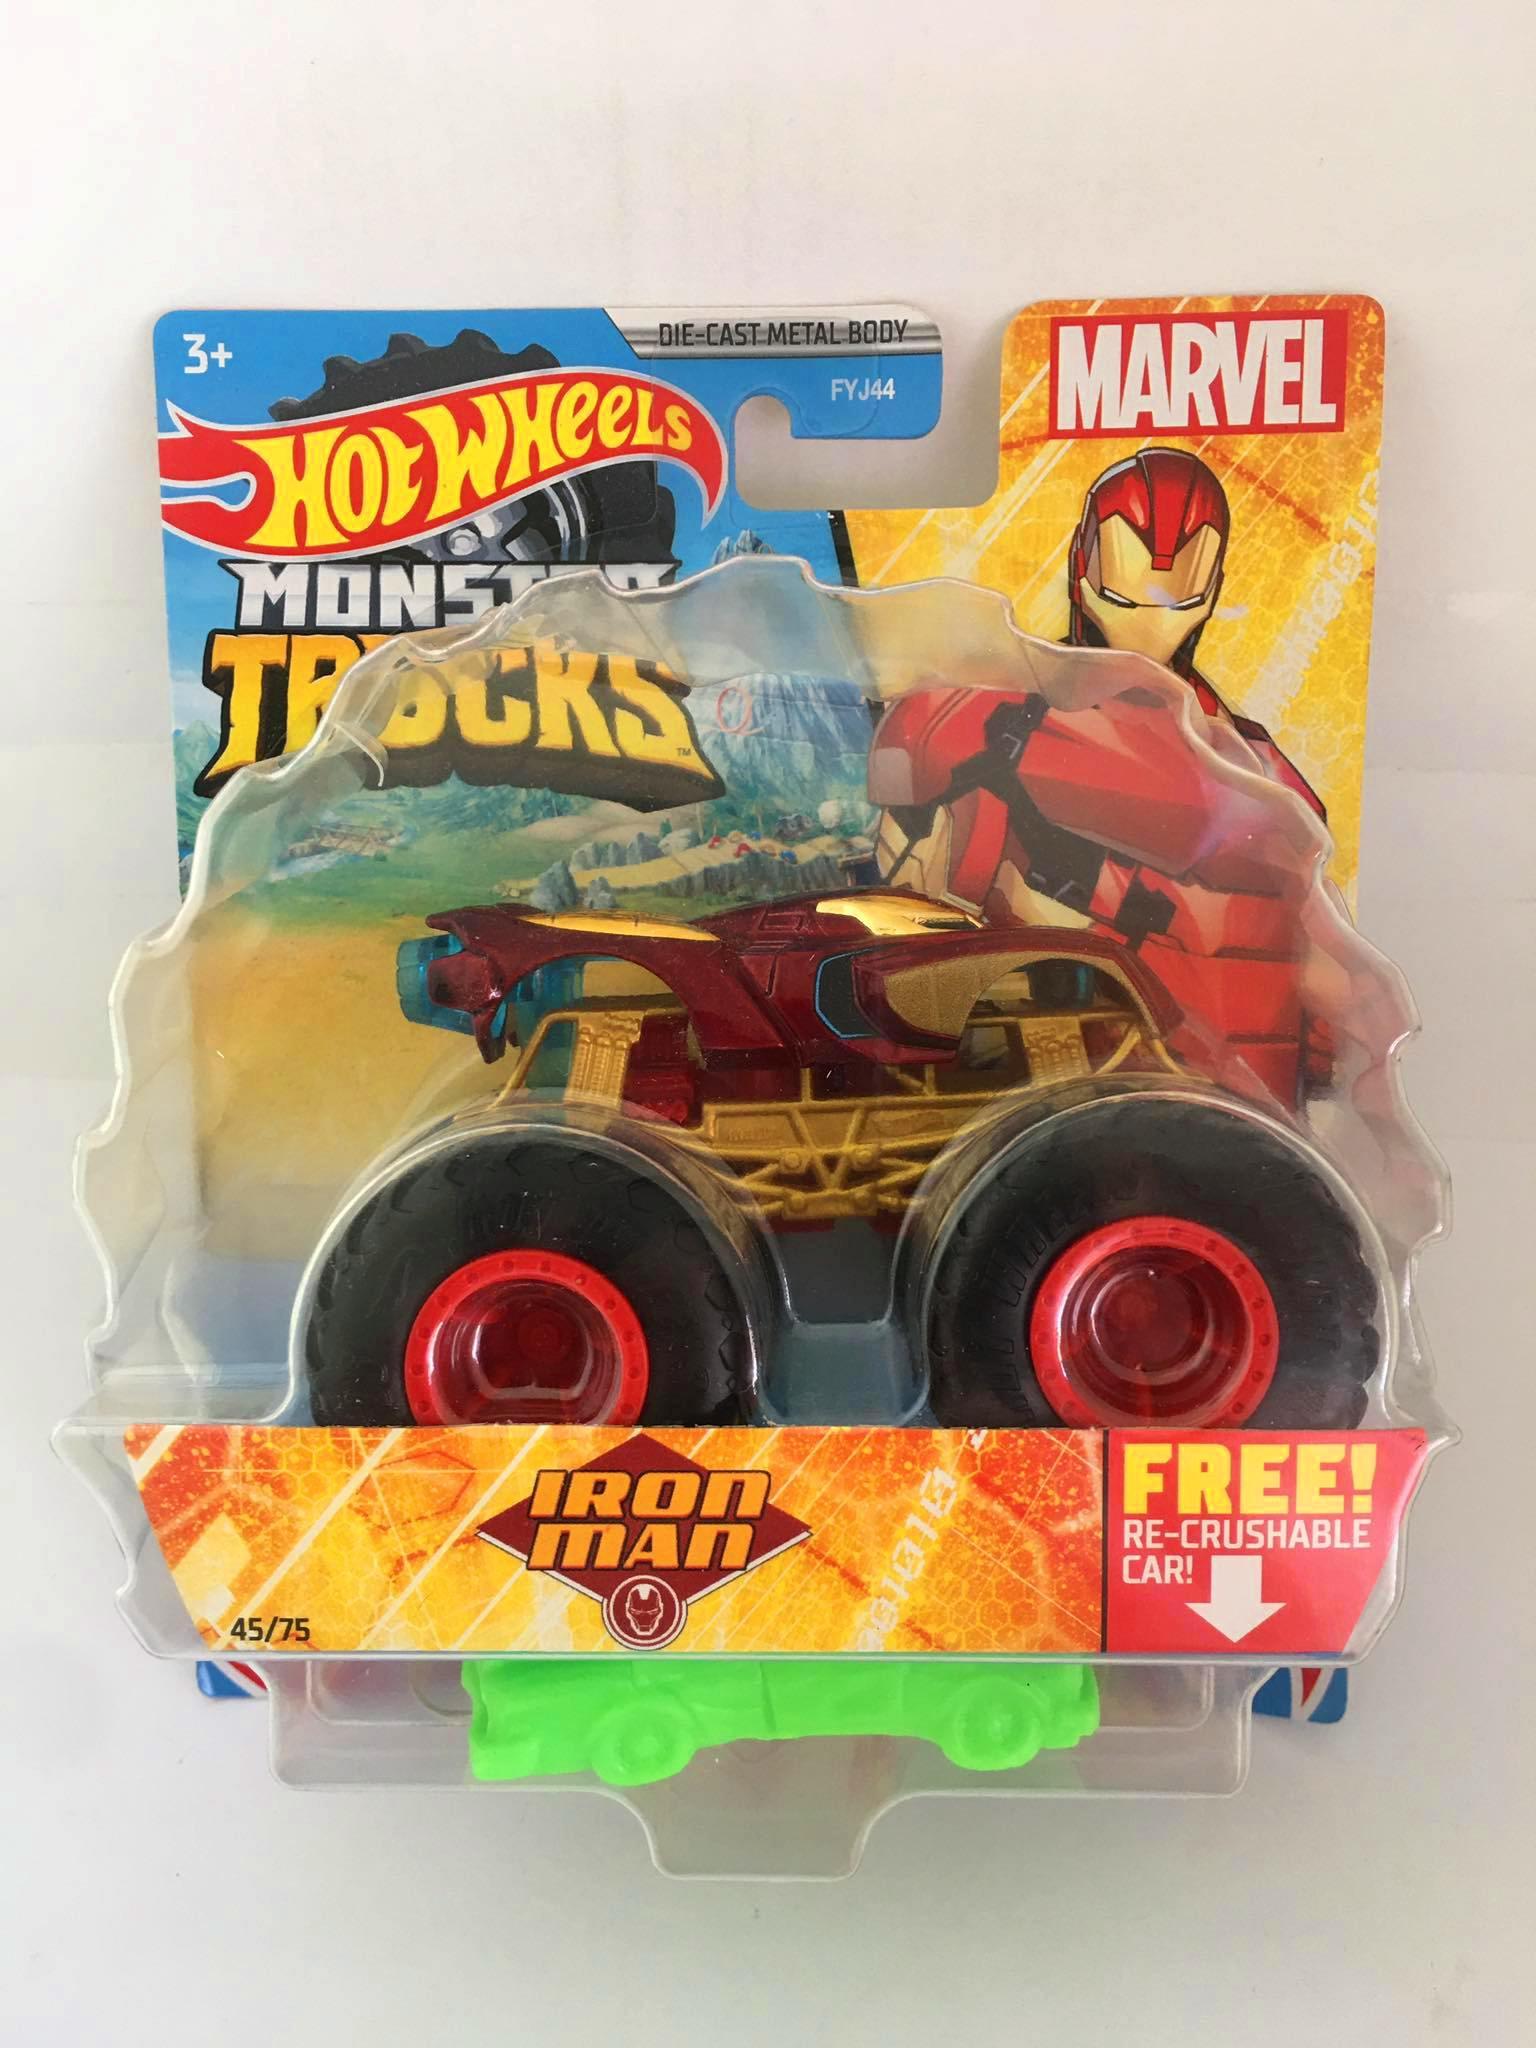 Hot Wheels - Iron Man Vermelho - Monster Trucks